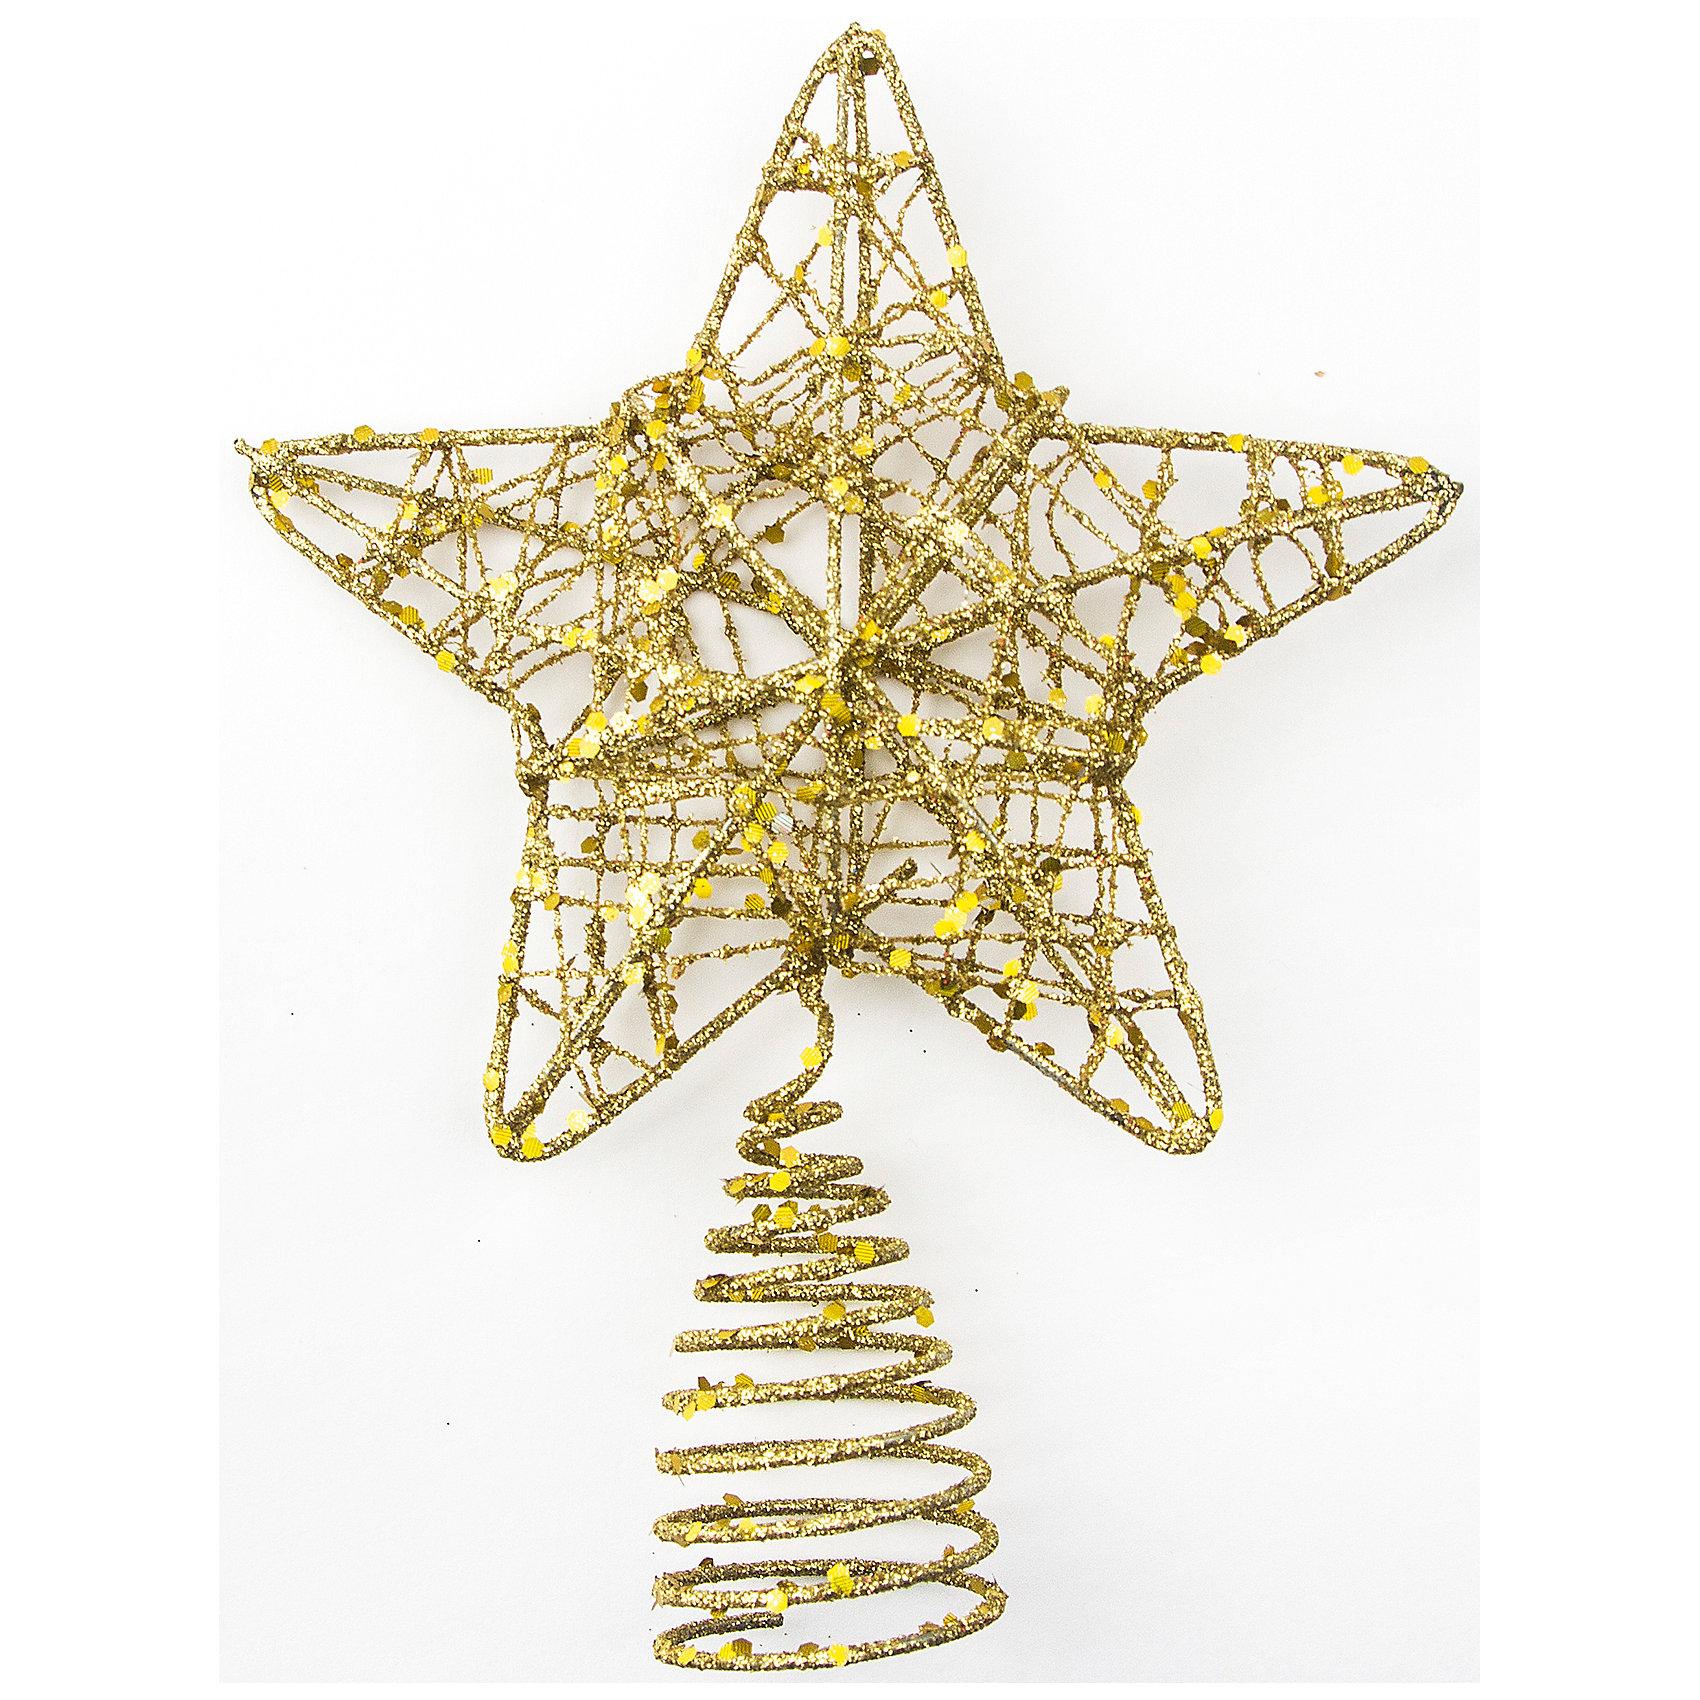 Верхушка Плетеная звезда, Classic Gold 12 см, золотоВсё для праздника<br>Изготовлено из металла, полимерных материалов. ёл. укр. Верхушка плетеная звезда Classic Gold 12 см, золото<br><br>Ширина мм: 180<br>Глубина мм: 50<br>Высота мм: 120<br>Вес г: 100<br>Возраст от месяцев: 36<br>Возраст до месяцев: 2147483647<br>Пол: Унисекс<br>Возраст: Детский<br>SKU: 5101089